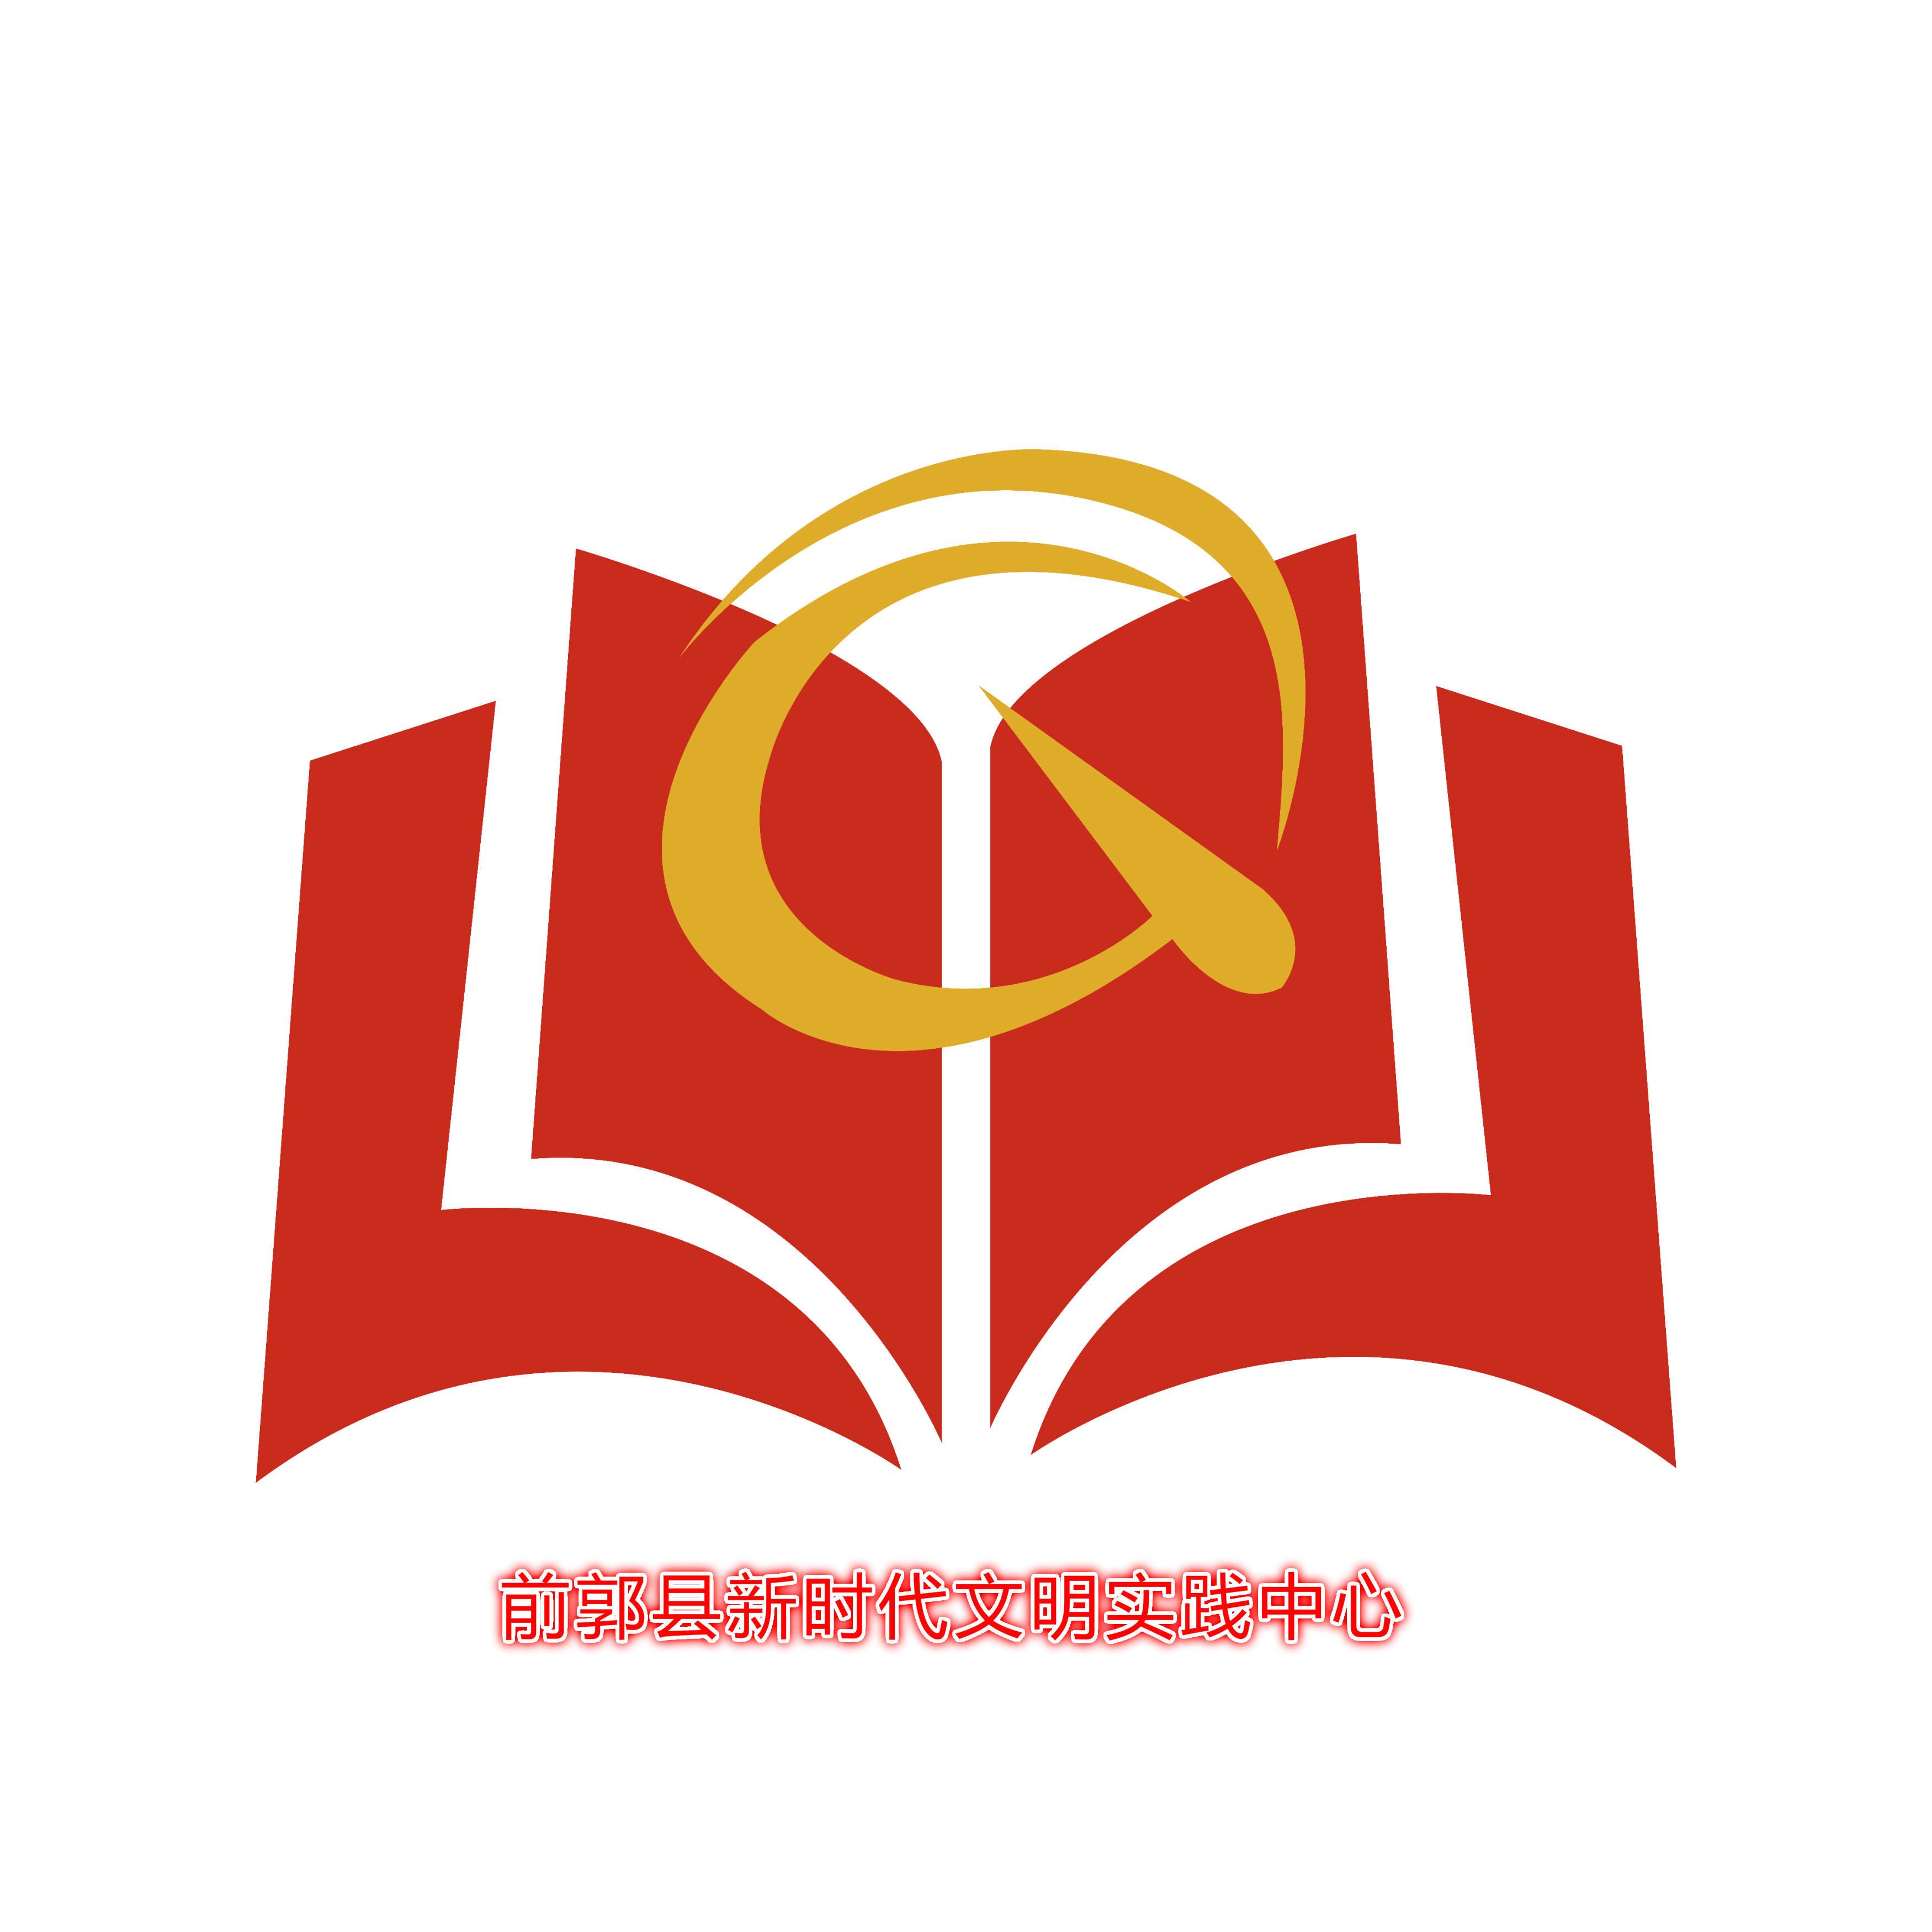 前郭文明实践志愿者高光时刻系列展播(一)